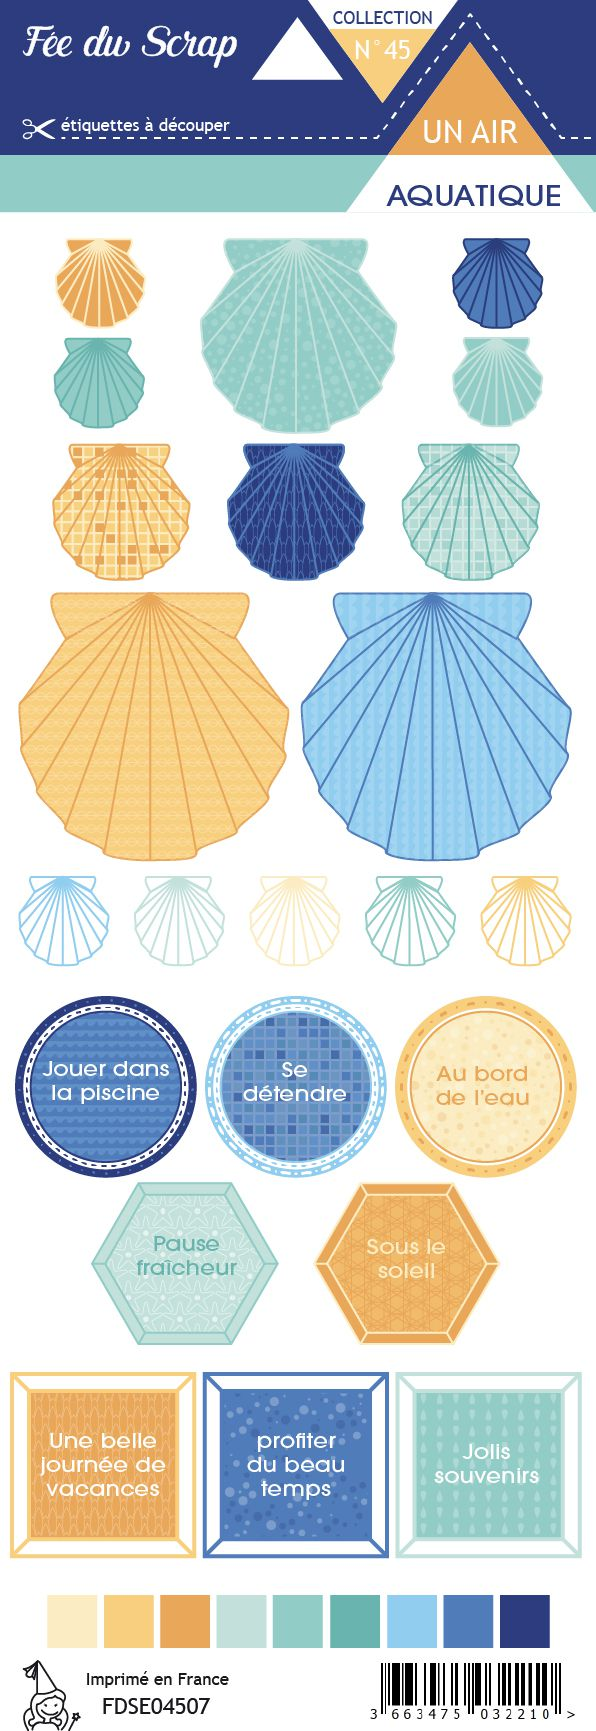 Etiquette un air aquatique - Coquillages